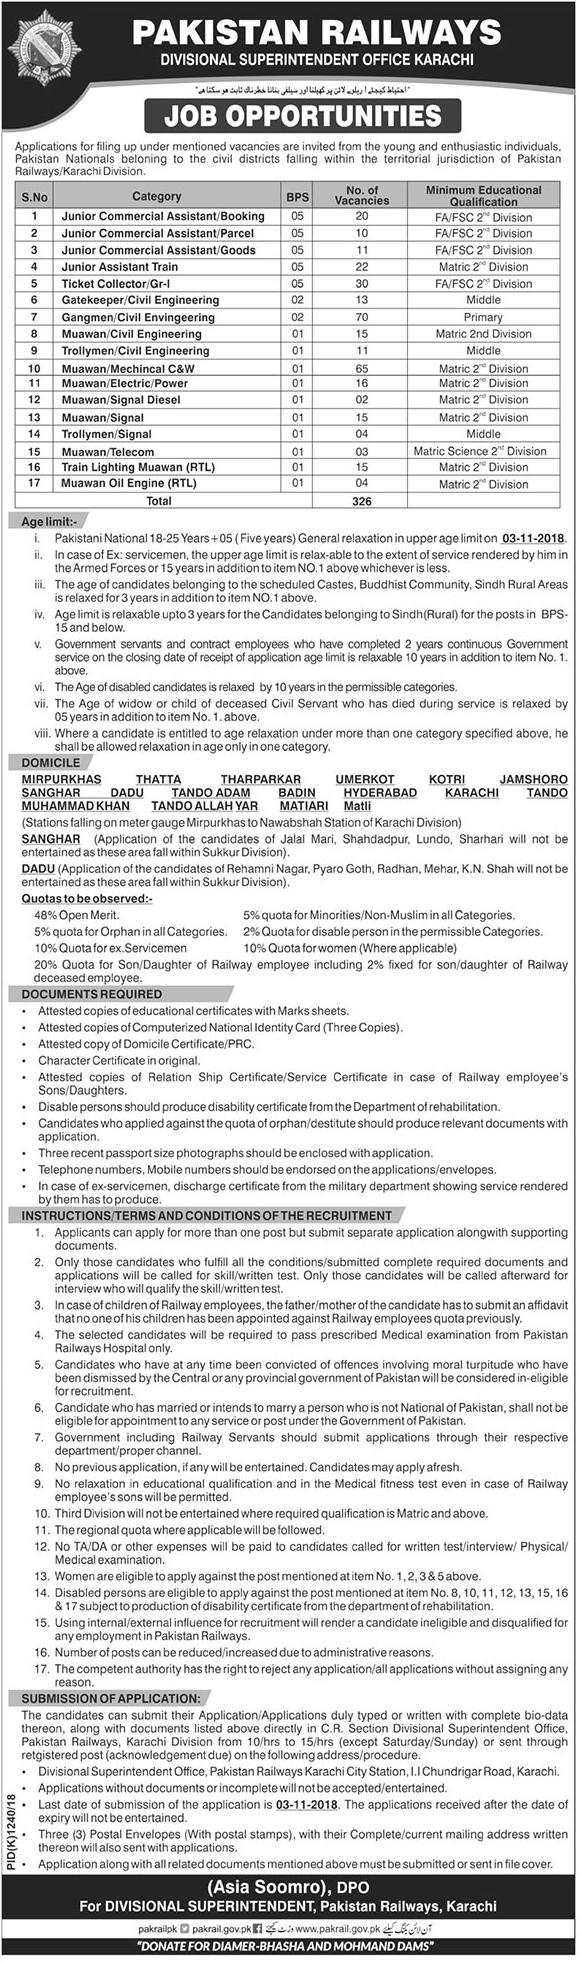 Pakistan Railway Jobs For October 2018